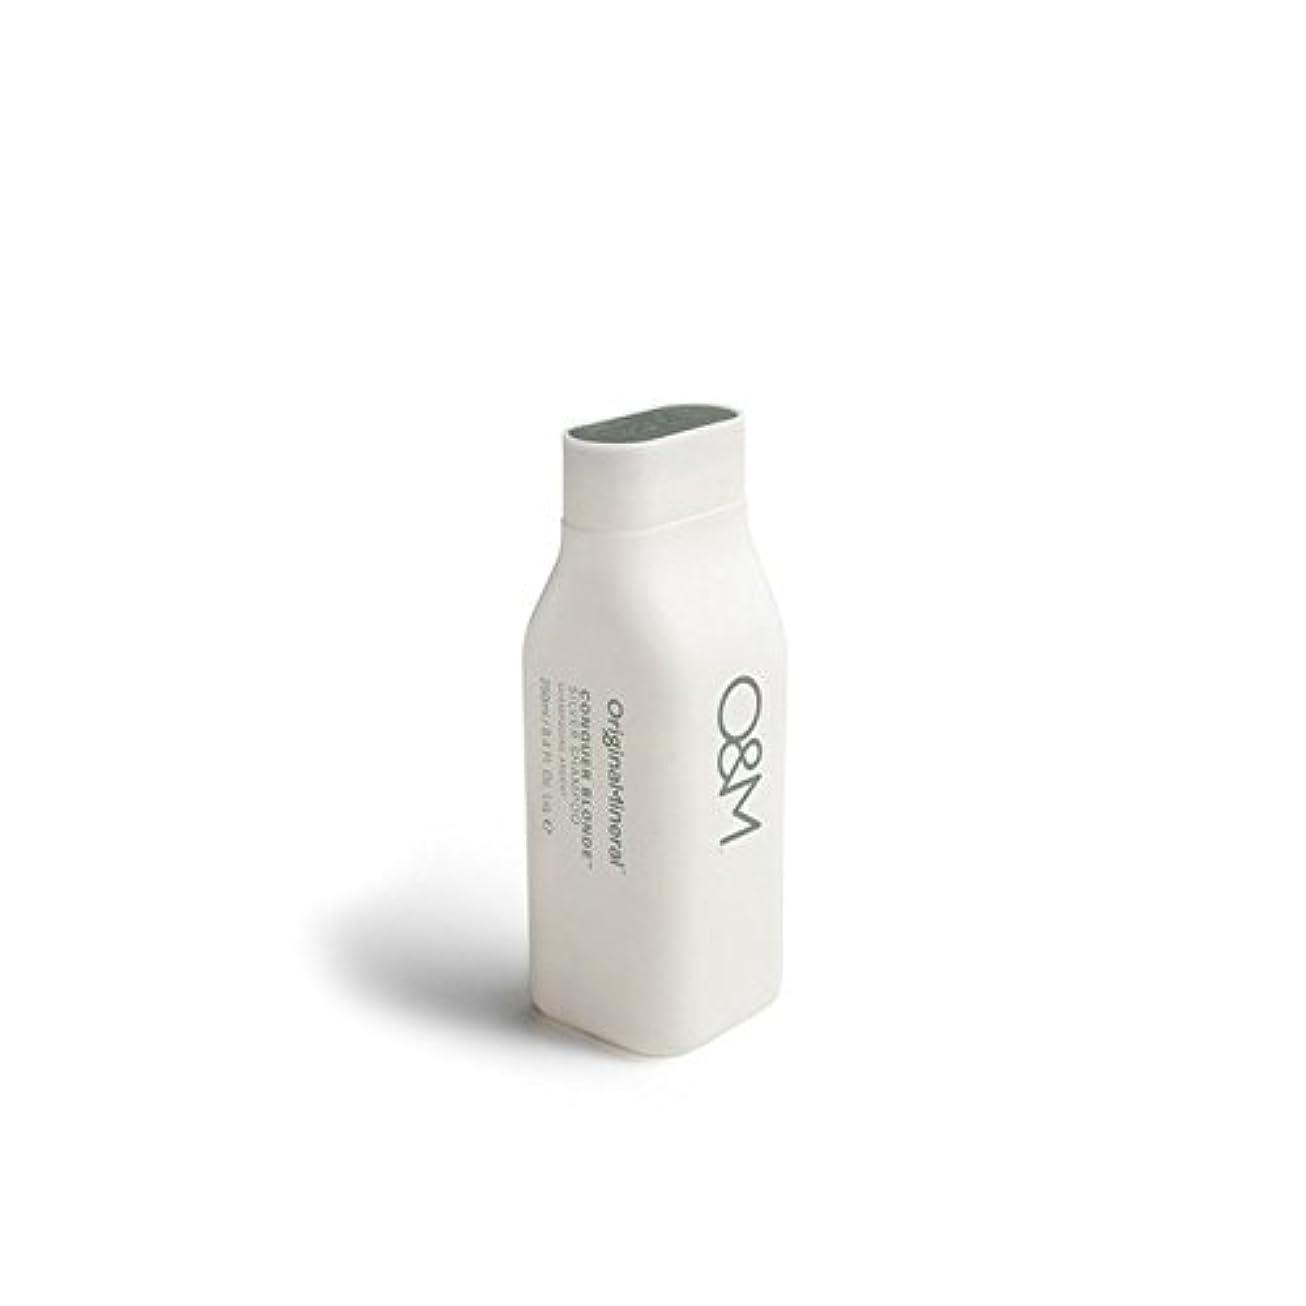 受粉する劇的宇宙Original & Mineral Conquer Blonde Silver Shampoo (250ml) - オリジナル&ミネラル統治ブロンド銀シャンプー(250ミリリットル) [並行輸入品]